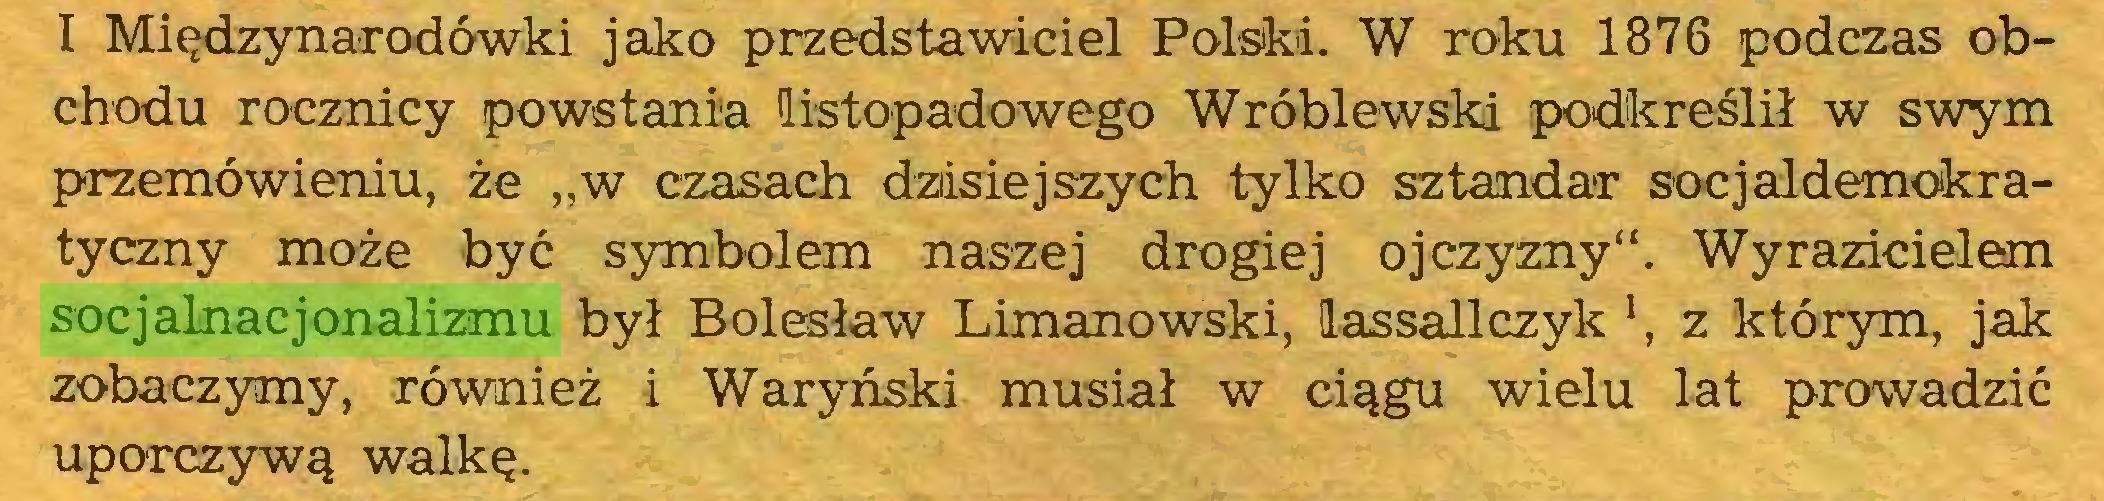 """(...) 1 Międzynarodówki jako przedstawiciel Polski. W roku 1876 podczas obchodu rocznicy powstania listopadowego Wróblewski podkreślił w swym przemówieniu, że """"w czasach dzisiejszych tylko sztandar socjaldemokratyczny może być symbolem naszej drogiej ojczyzny"""". Wyrazicielem socjalnacjonalizmu był Bolesław Limanowski, lassallczyk *, z którym, jak zobaczymy, również i Waryński musiał w ciągu wielu lat prowadzić uporczywą walkę..."""